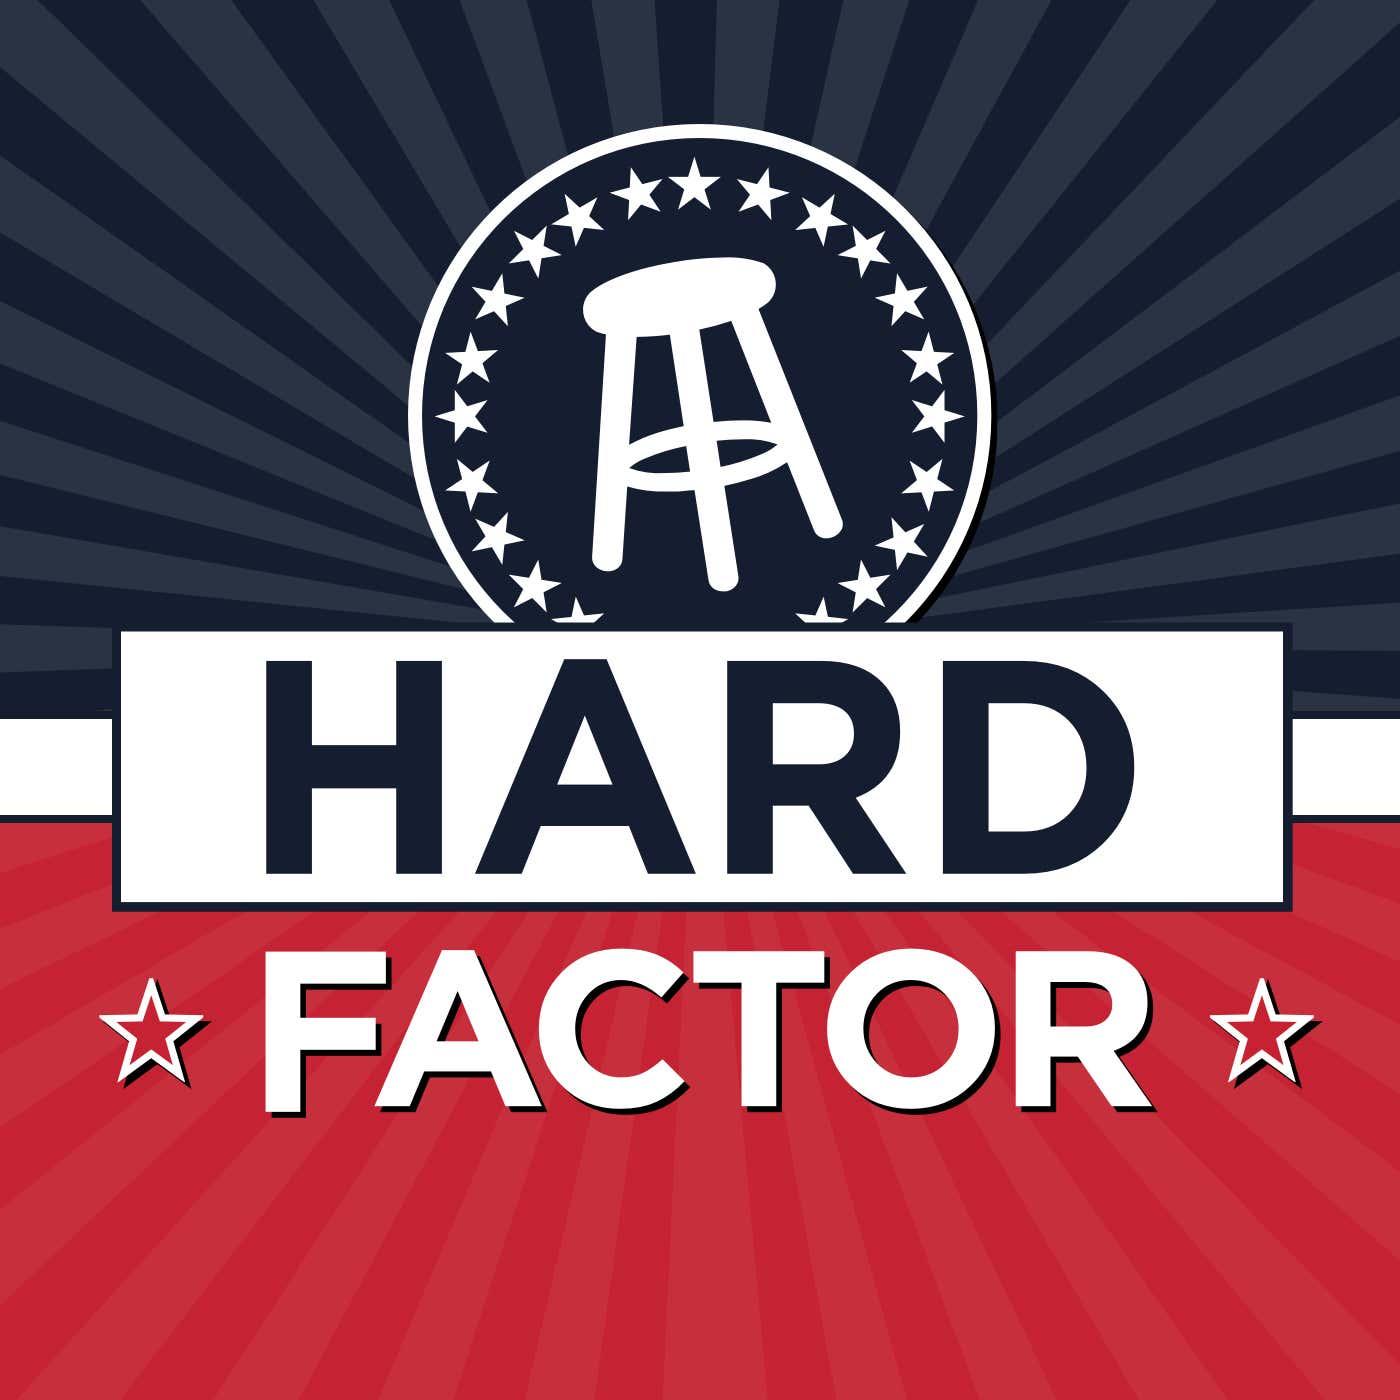 Hard Factor